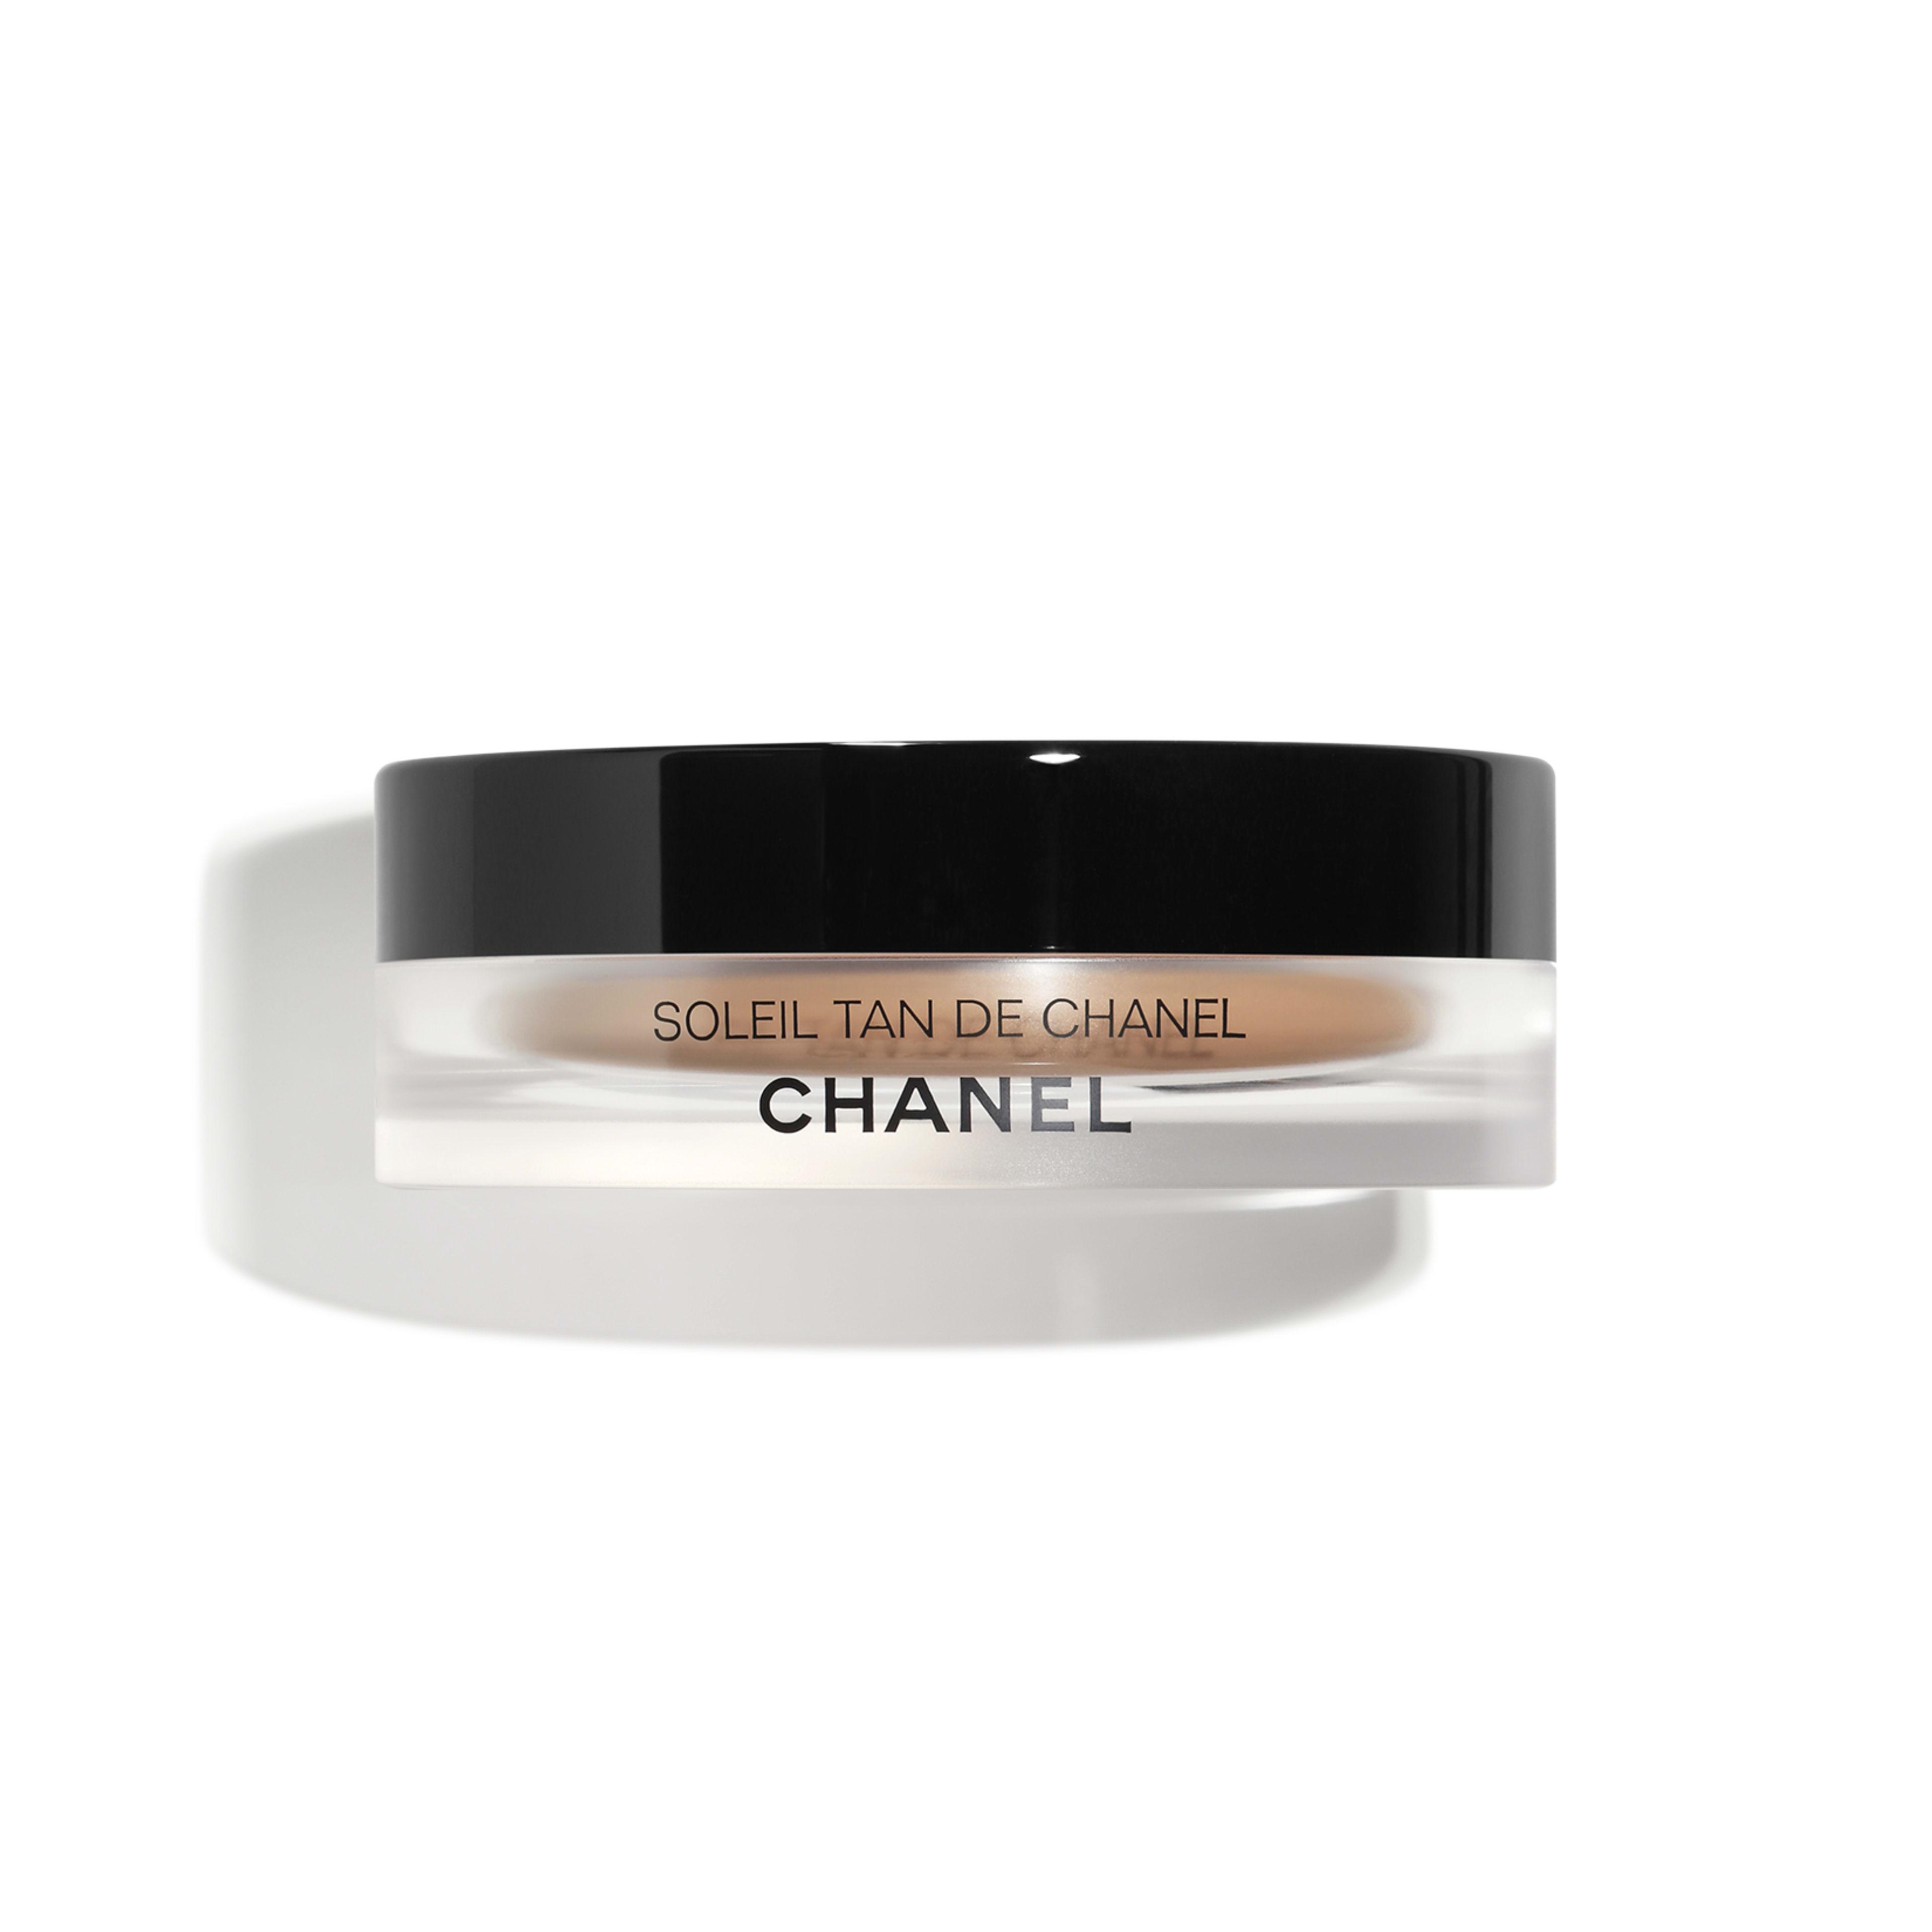 SOLEIL TAN DE CHANEL - makeup - 1OZ. - Default view